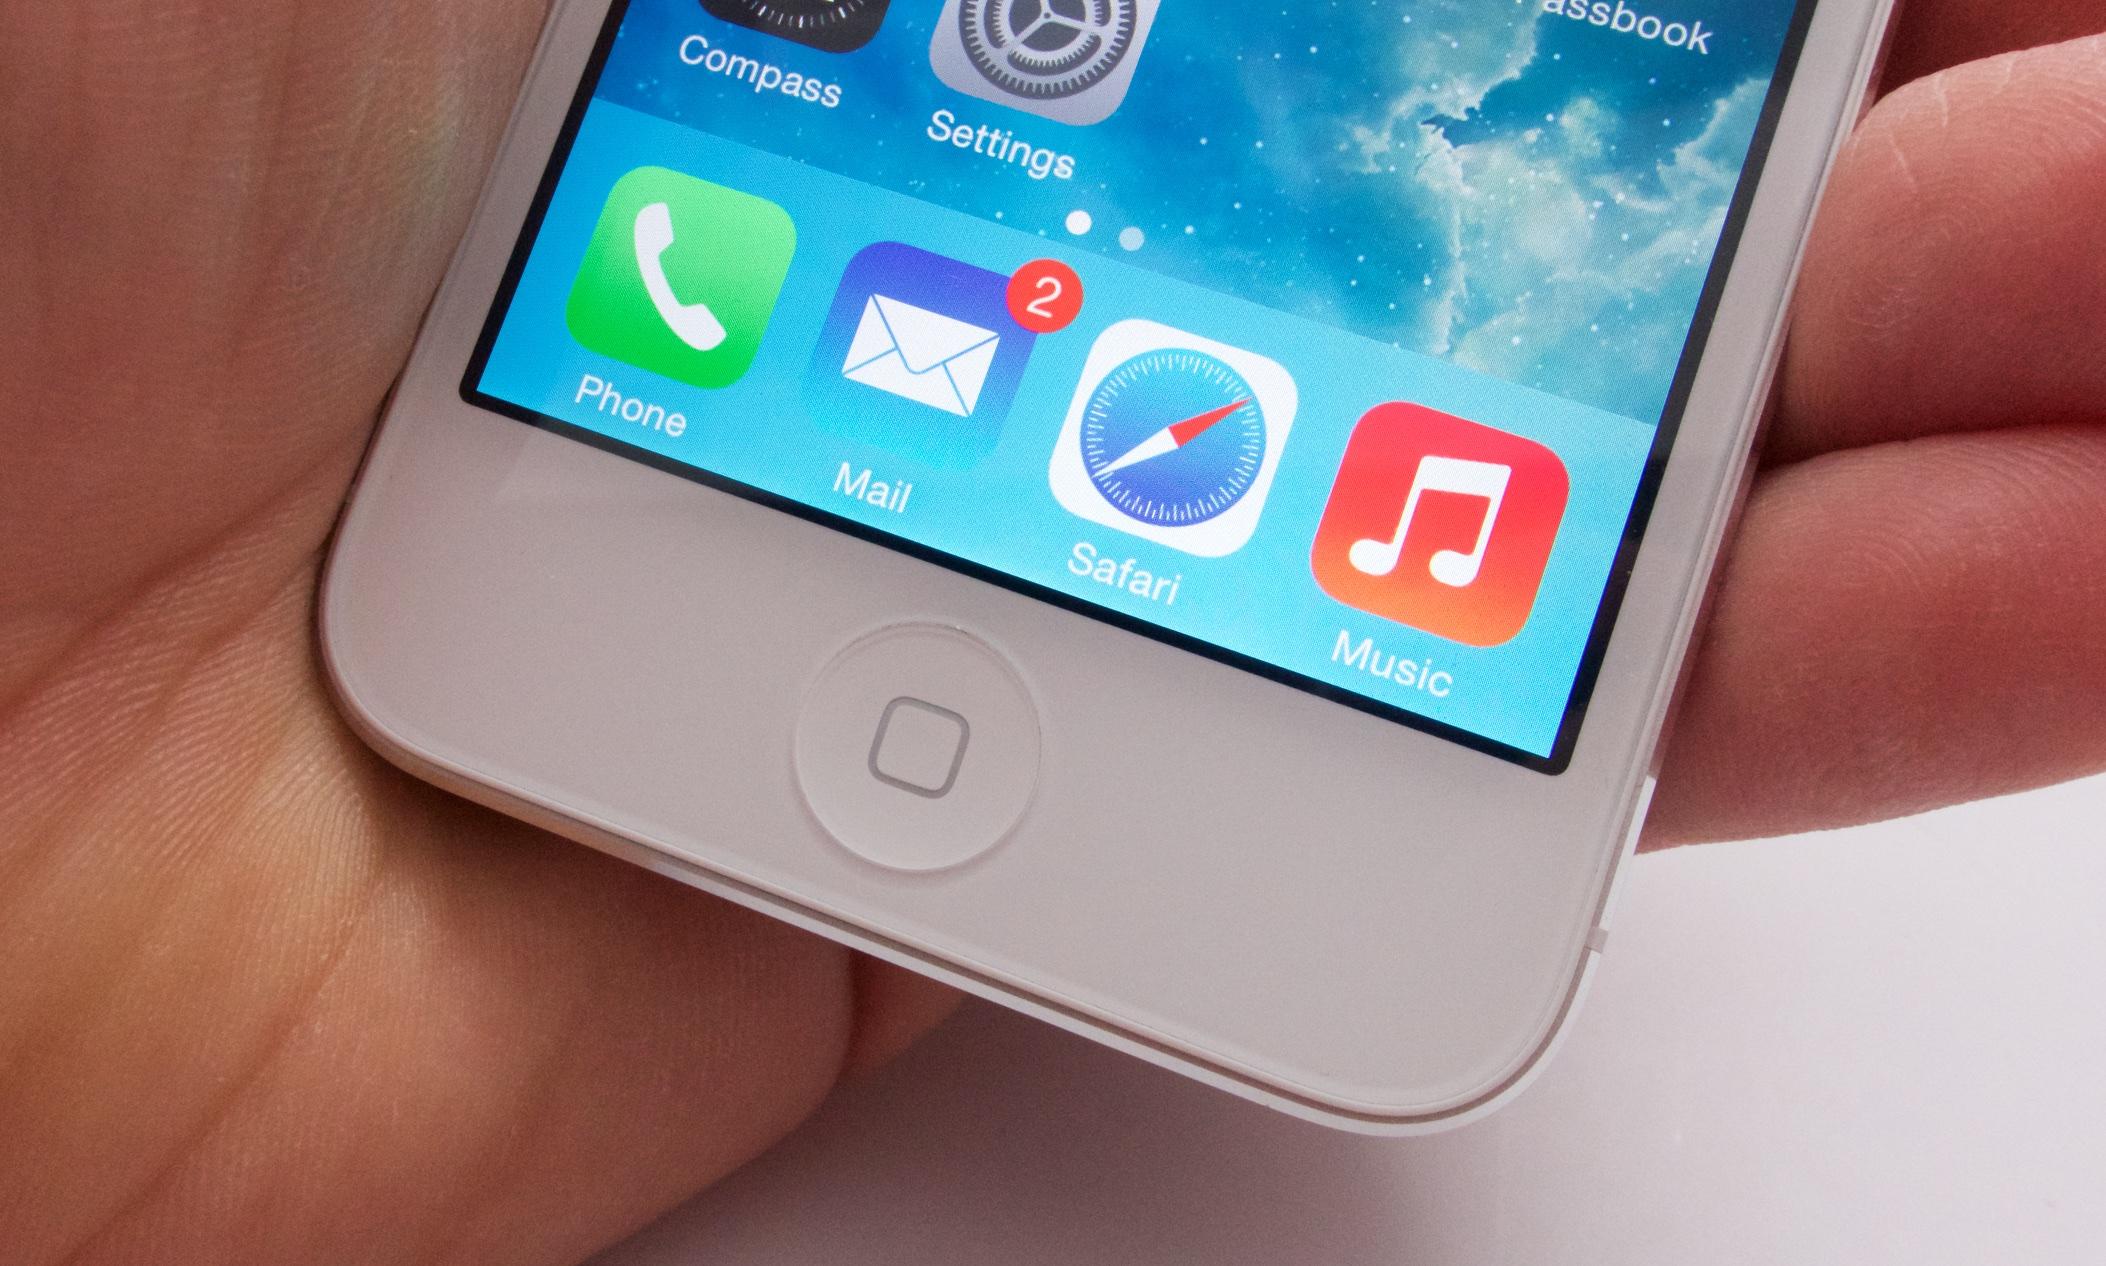 Gazelle-certifierade recensioner - iPhone 5 - 11